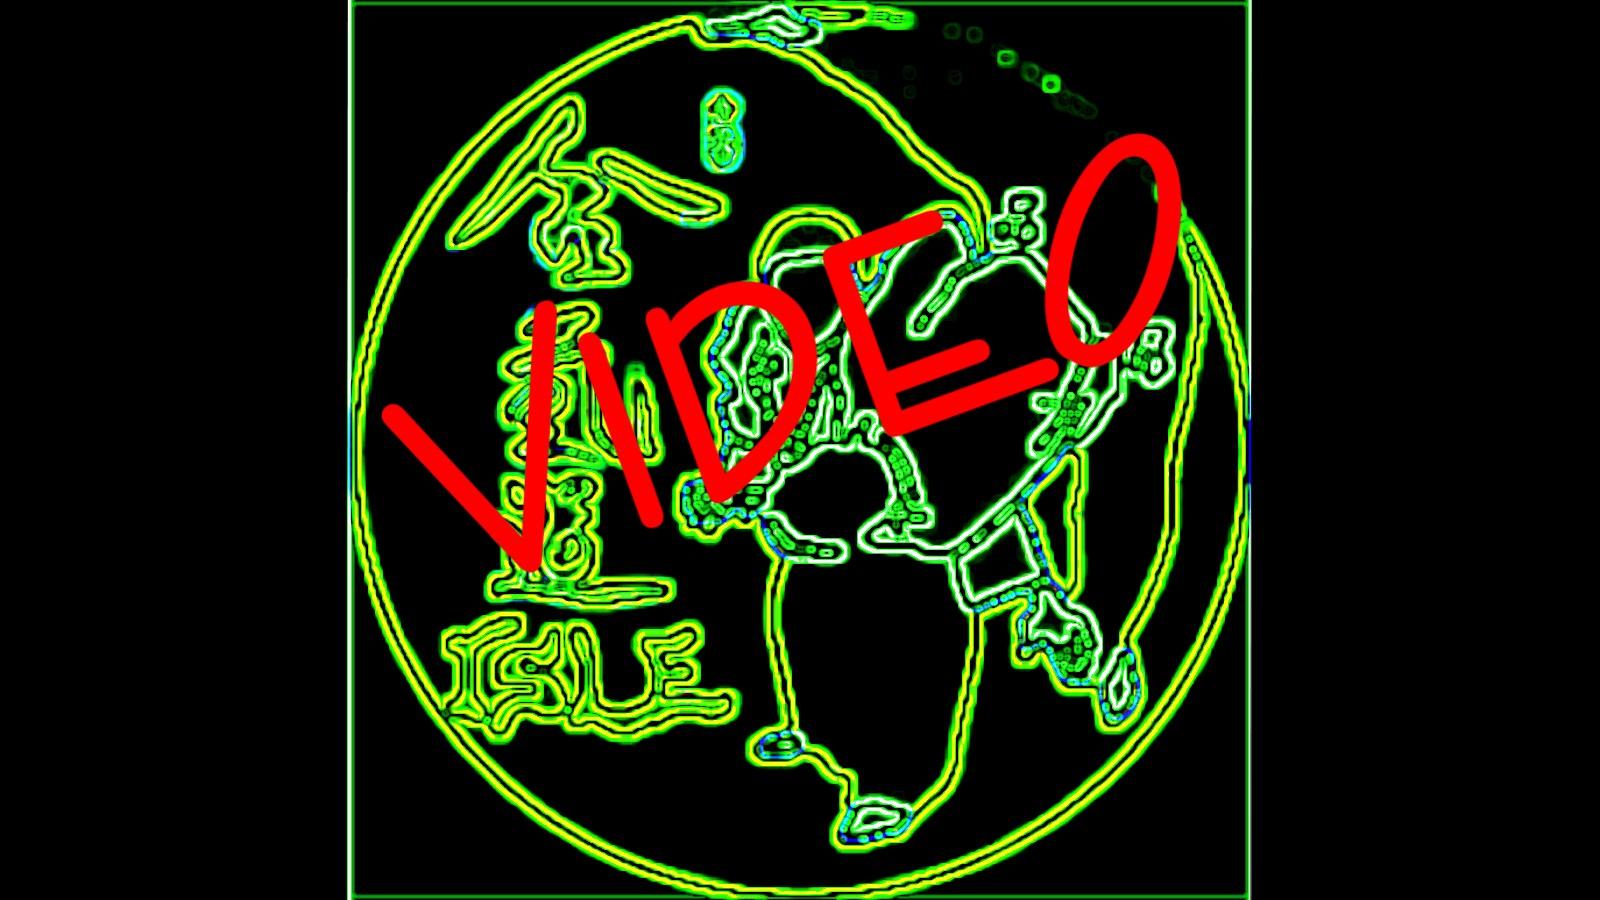 Logo Isle pour Vidéo.jpg - 273,53 kB